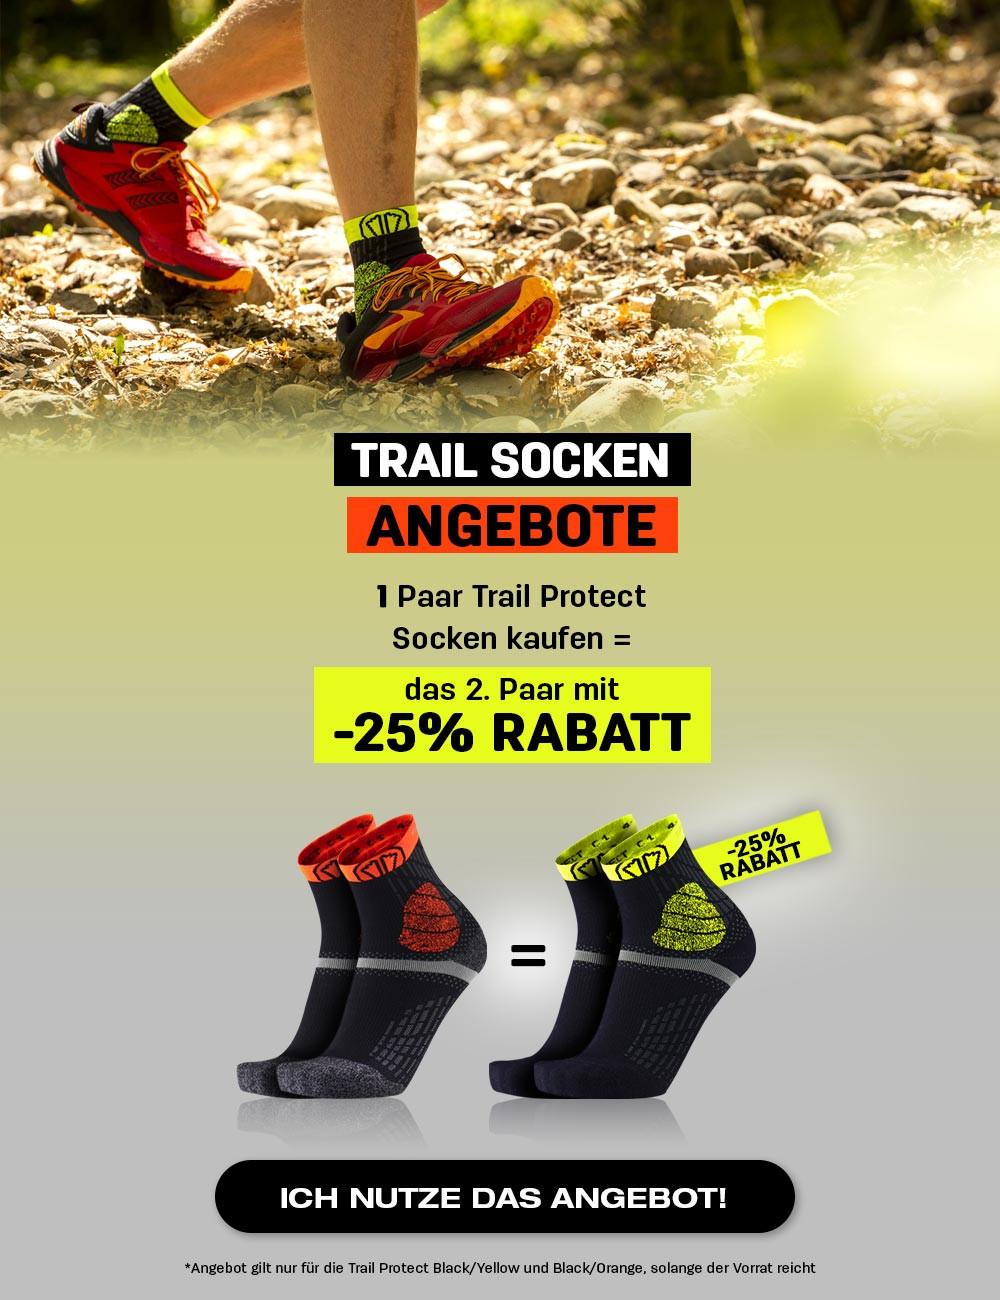 Kaufen Sie 1 Paar gelbe oder orangefarbene Trail Protect-Socken und erhalten Sie 25 % Rabatt auf das zweite Paar